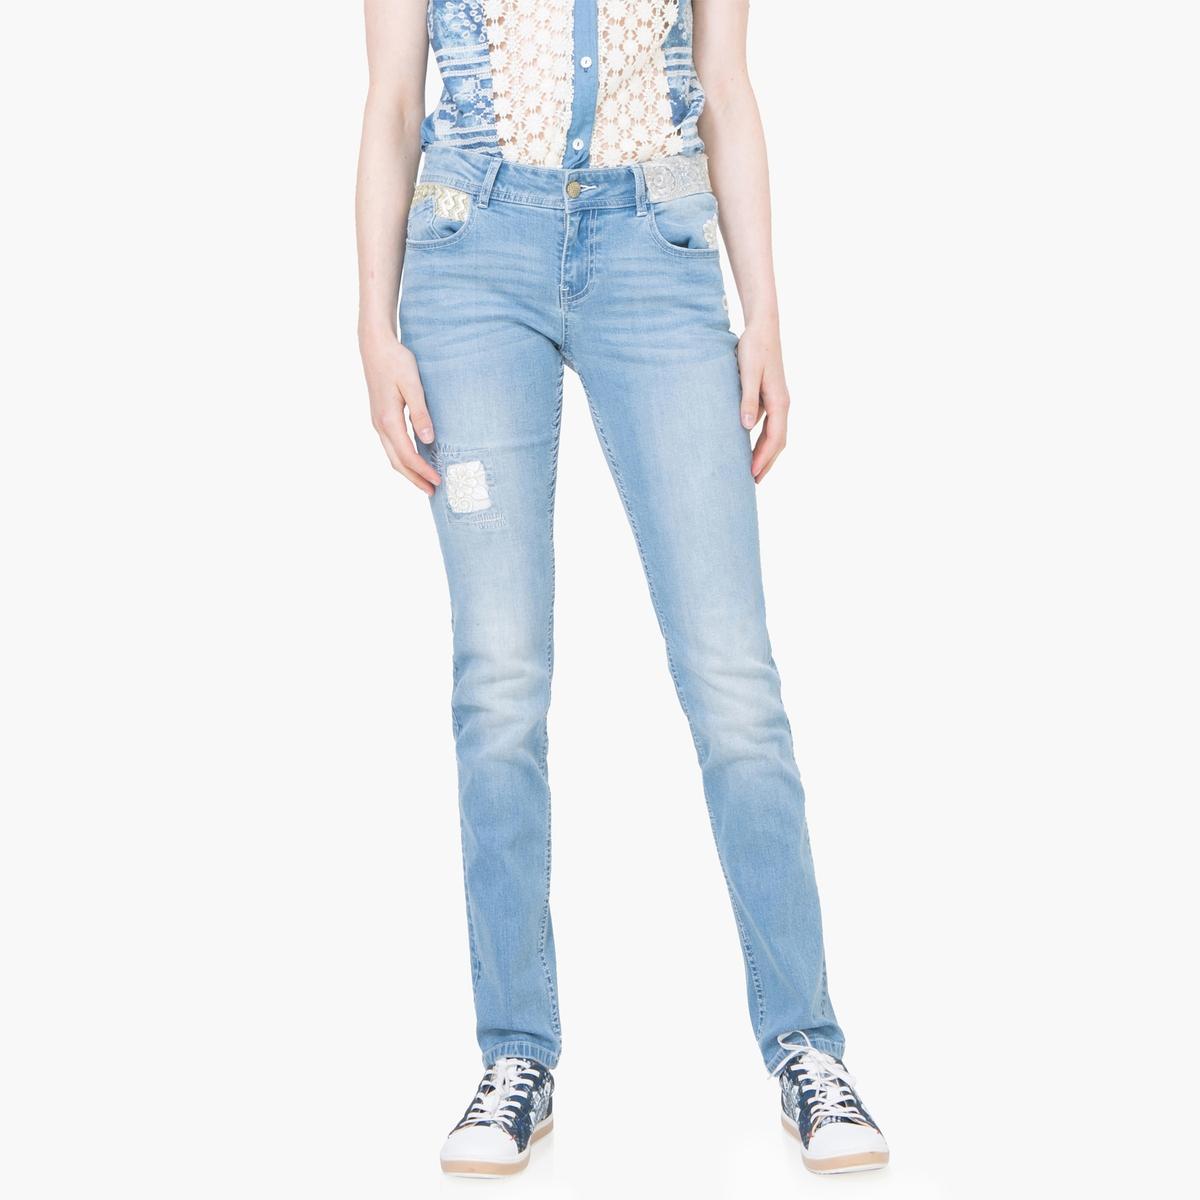 Джинсы зауженныеМатериал: 99% хлопка, 1% эластана. Высота пояса:стандартная.Покрой джинсов: узкие джинсы.Длина джинсов: длина 32.Особенность материала: с эффектом потертости.<br><br>Цвет: голубой потертый<br>Размер: 33 (US) - 48/50 (RUS).31 (US) - 46/48 (RUS).27 (US) - 42/44 (RUS)